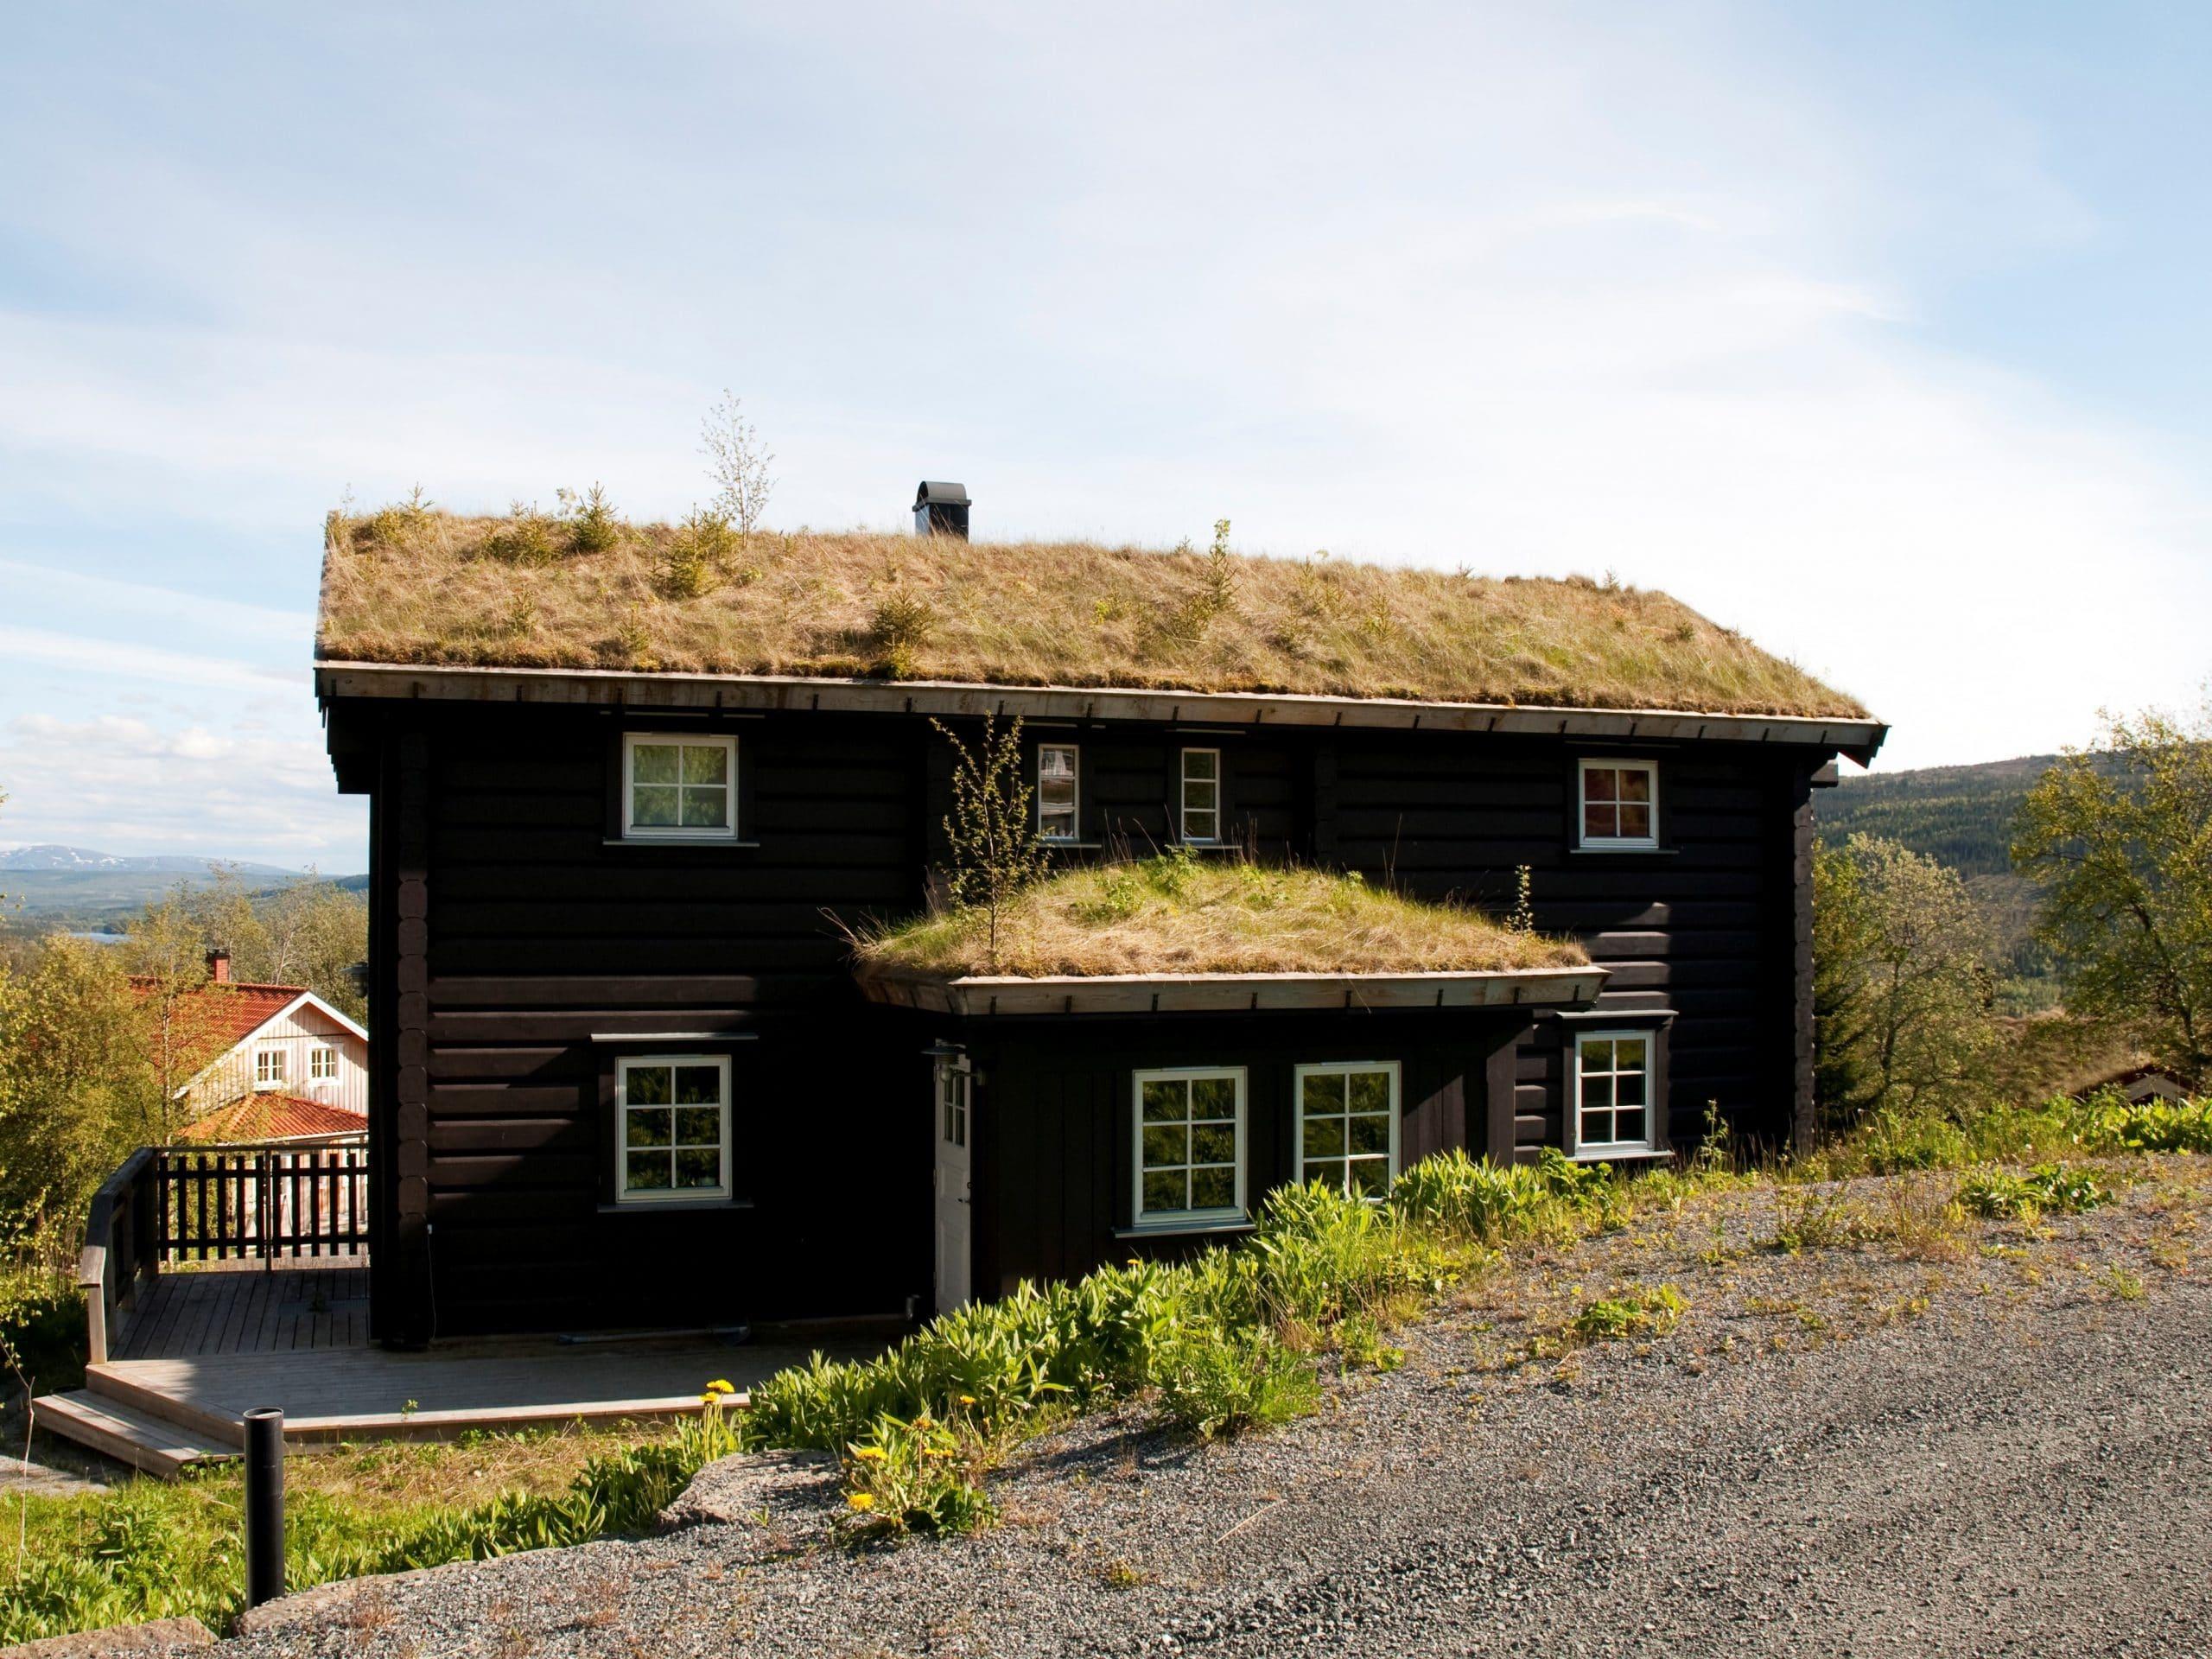 Björnängelägret 6 in Åre summer